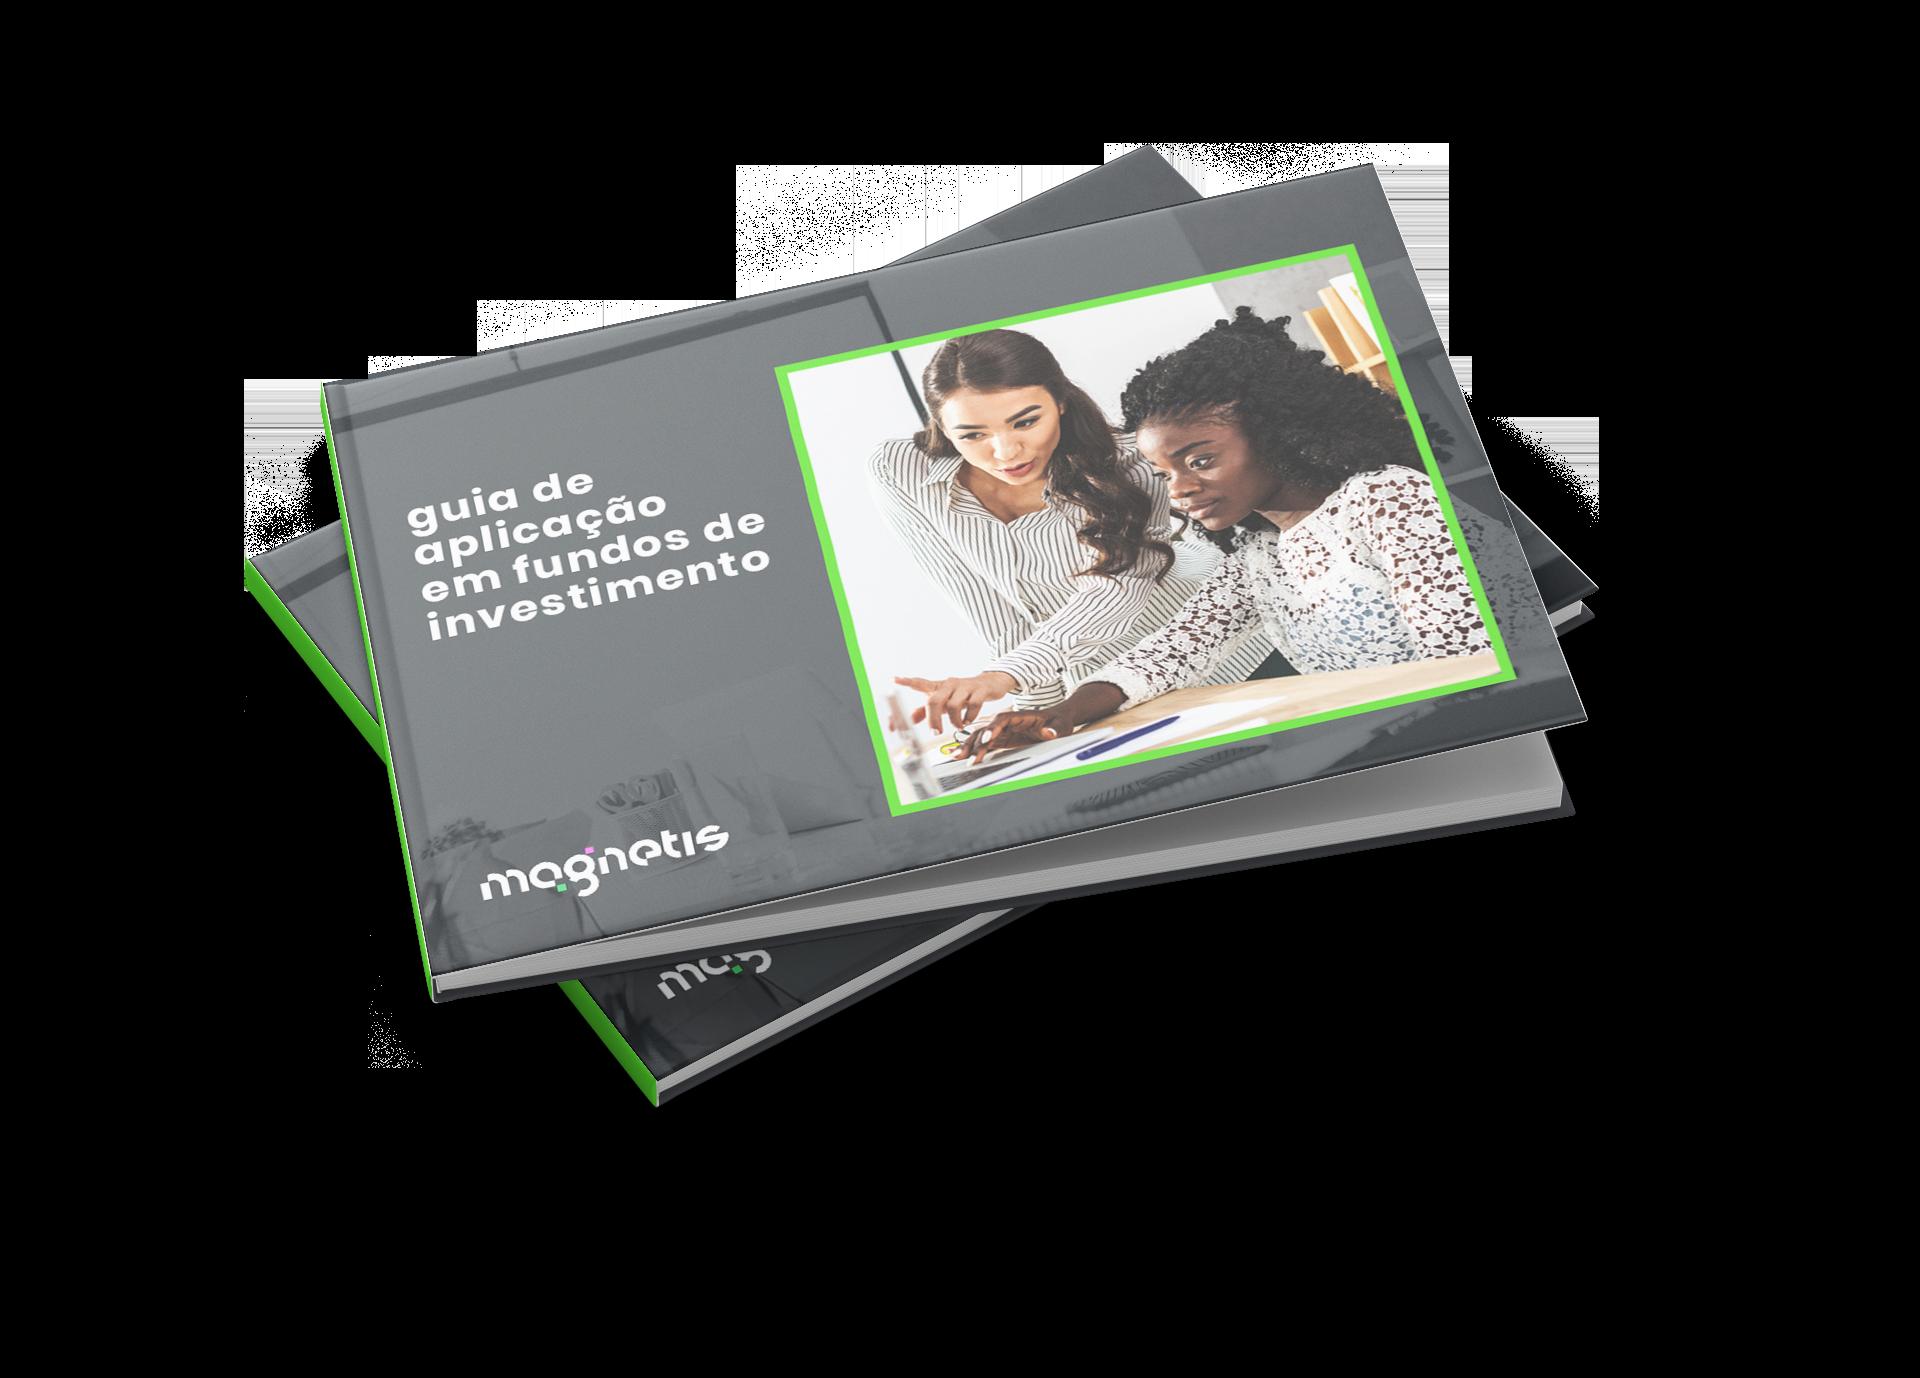 ebook fundos de investimento guia